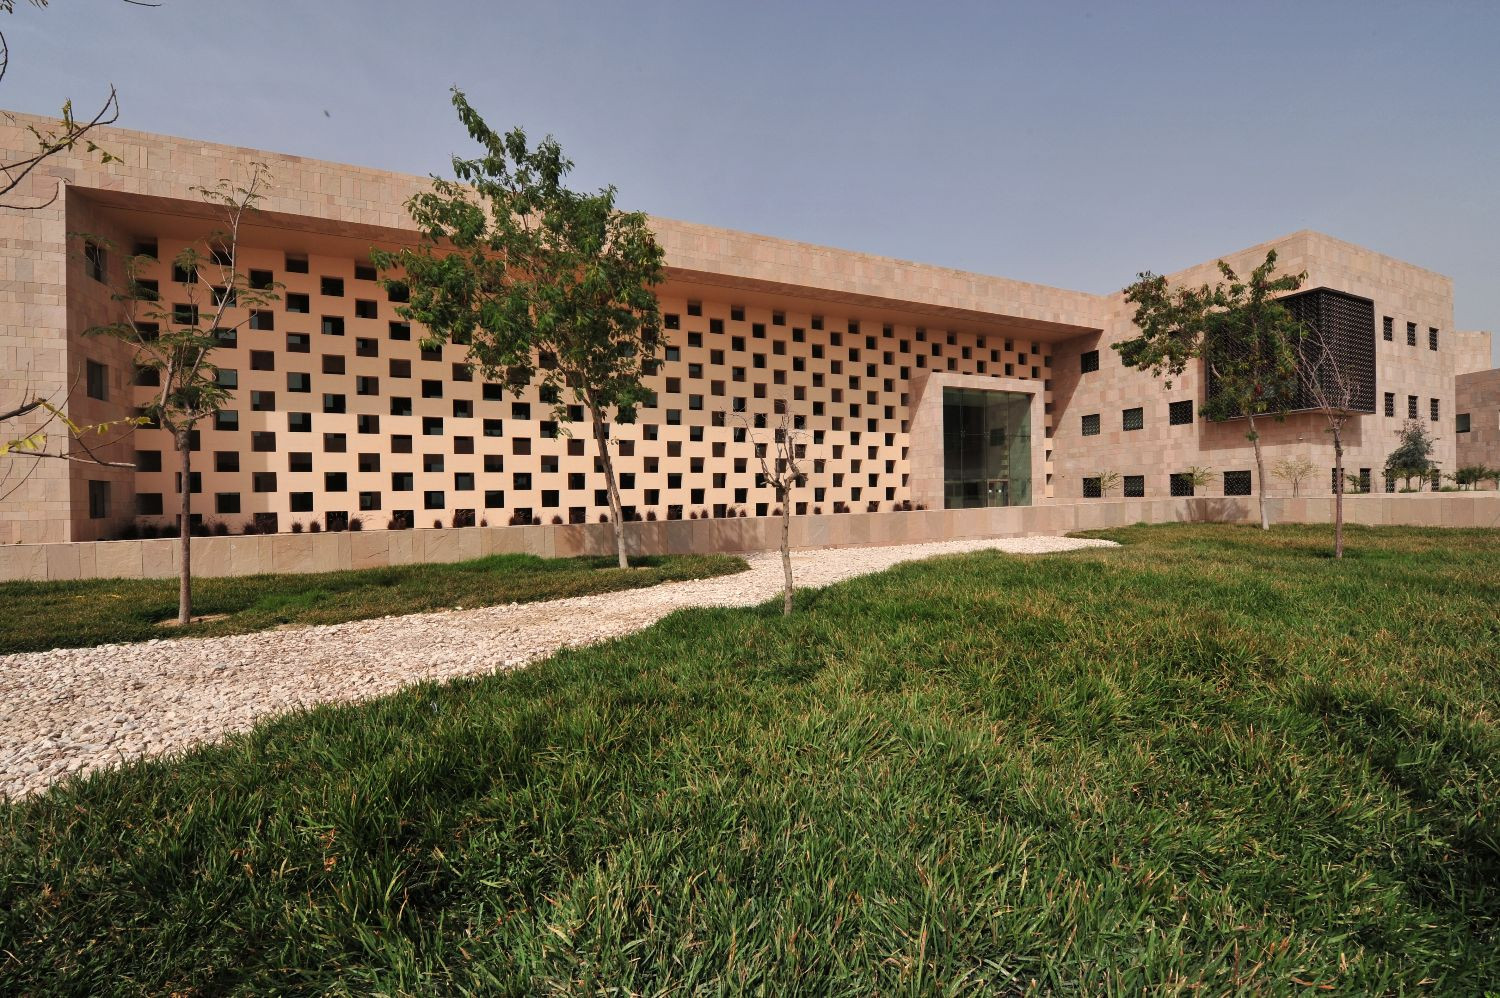 CENTRO ESTUDIANTIL, UHBK|Fotografía de : Yona Schley